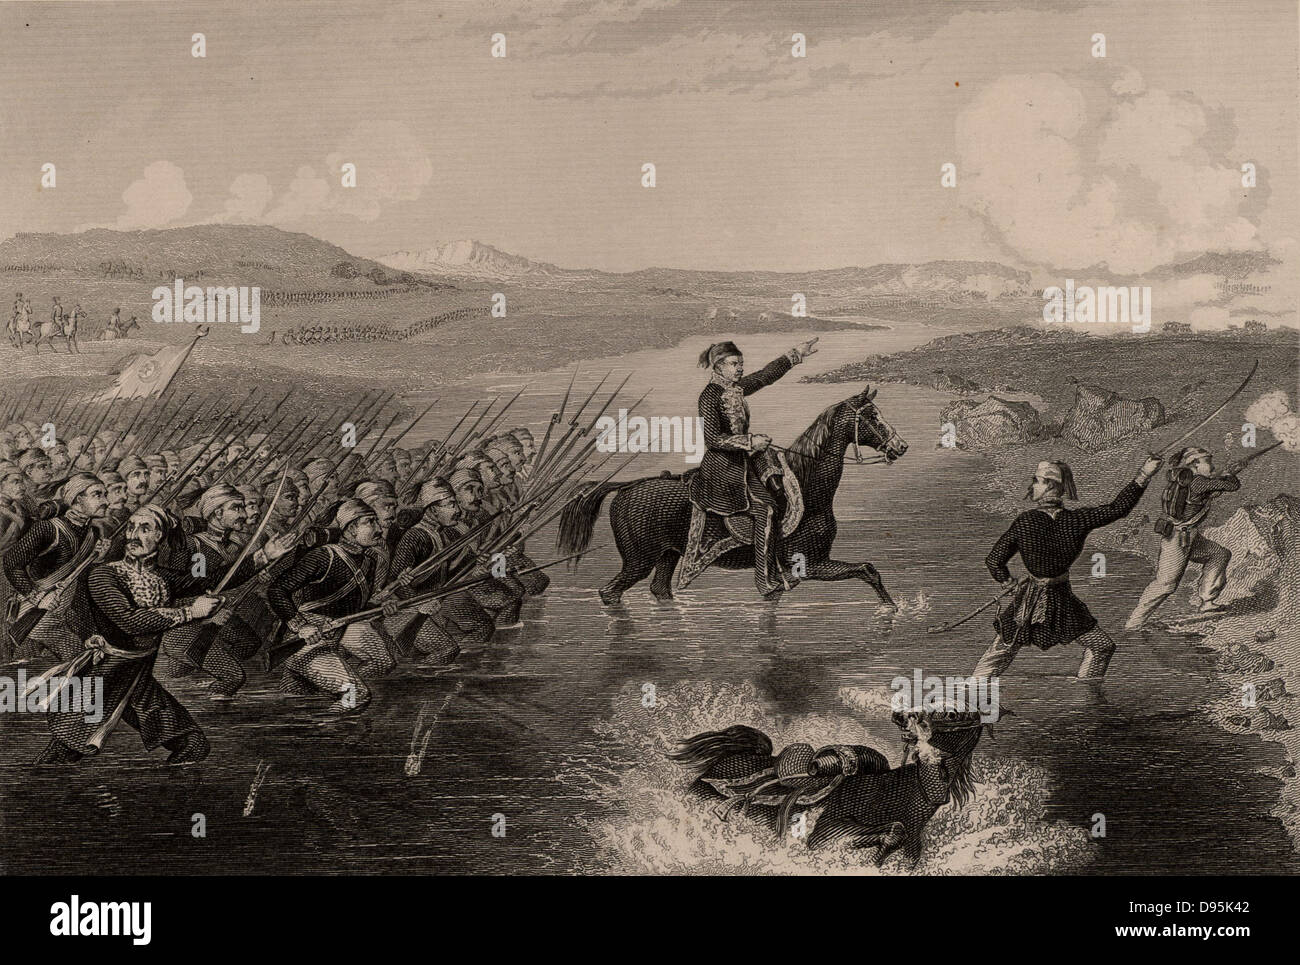 Omar Pasha (nacido Michael Latas, 1806-1871) Croata nacido en general otomano. Comandaba las fuerzas turcas durante la Guerra de Crimea (Russo-Turkish) 1853-1856. Omar Pasha conduce sus tropas turcas a través del río Ingour en un exitoso ataque a los rusos. Grabado. Foto de stock